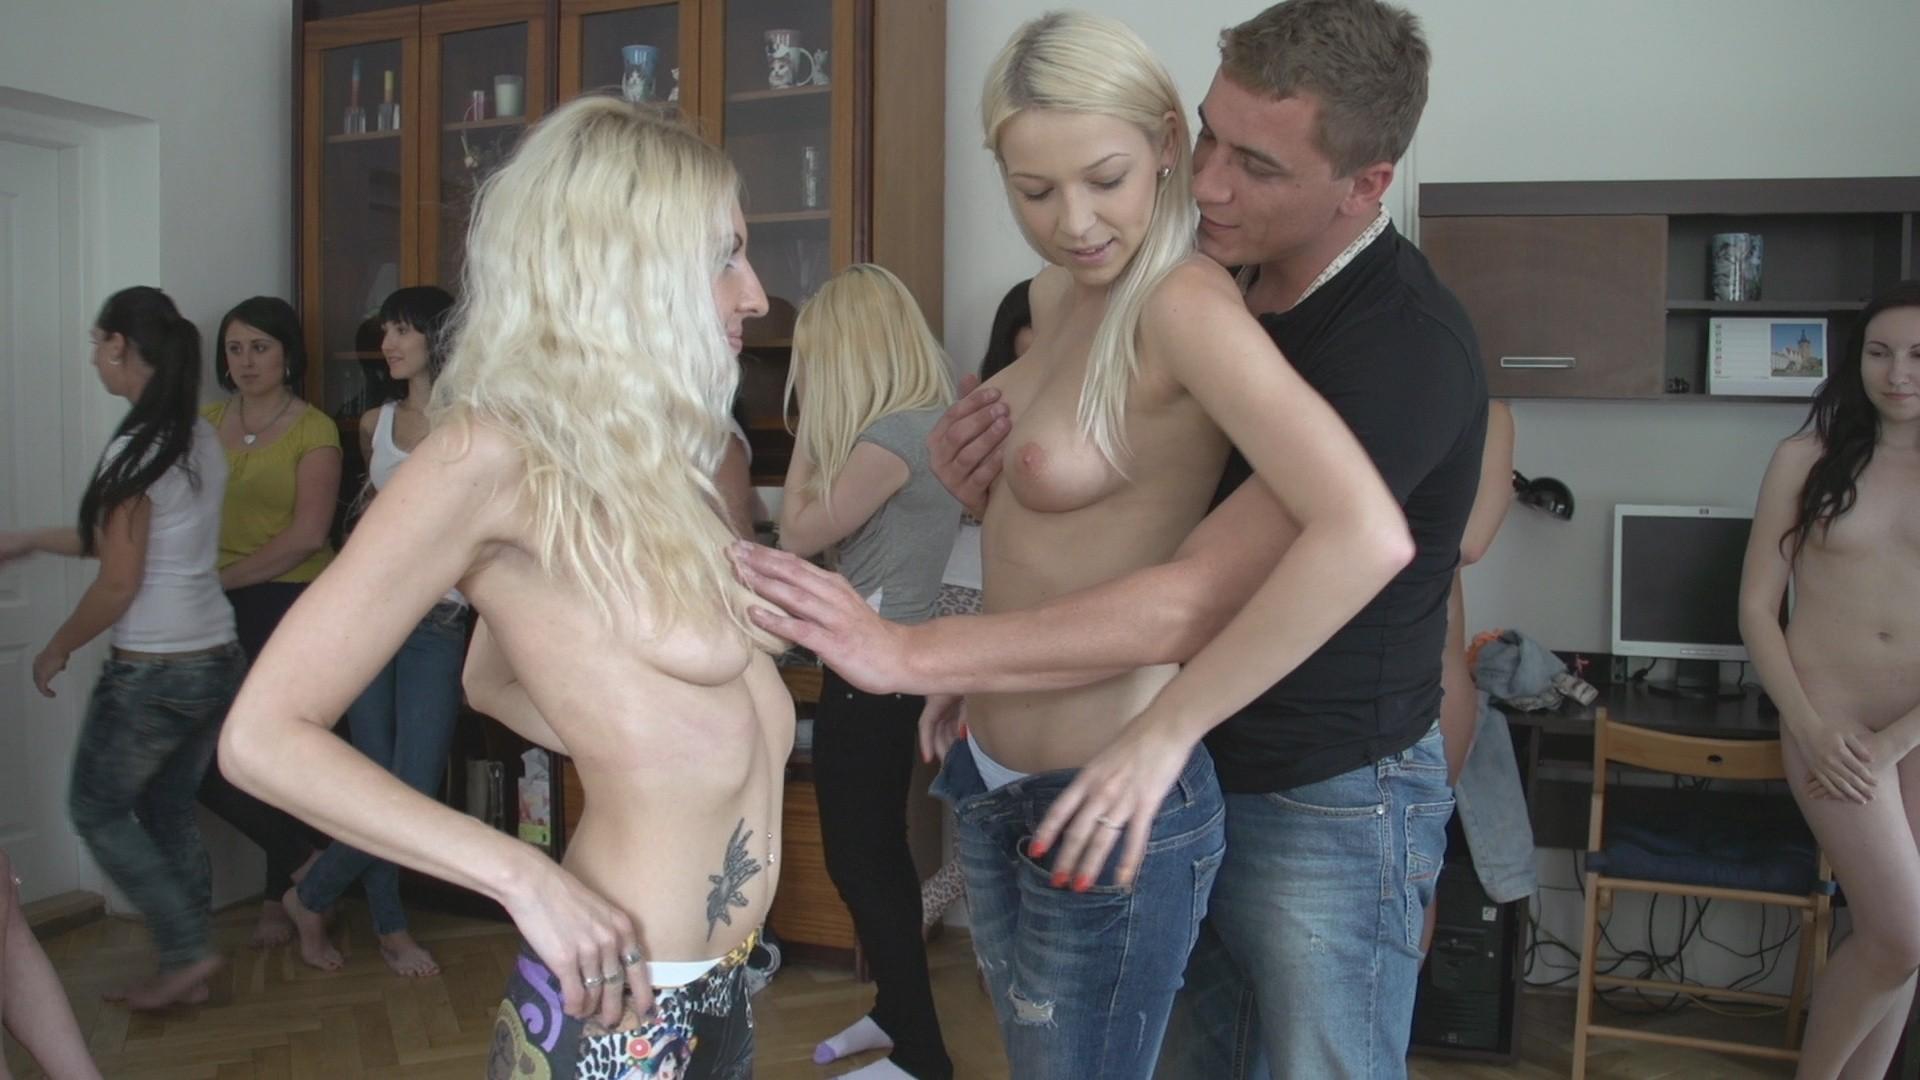 Вечеринка - Порно галерея № 3497294